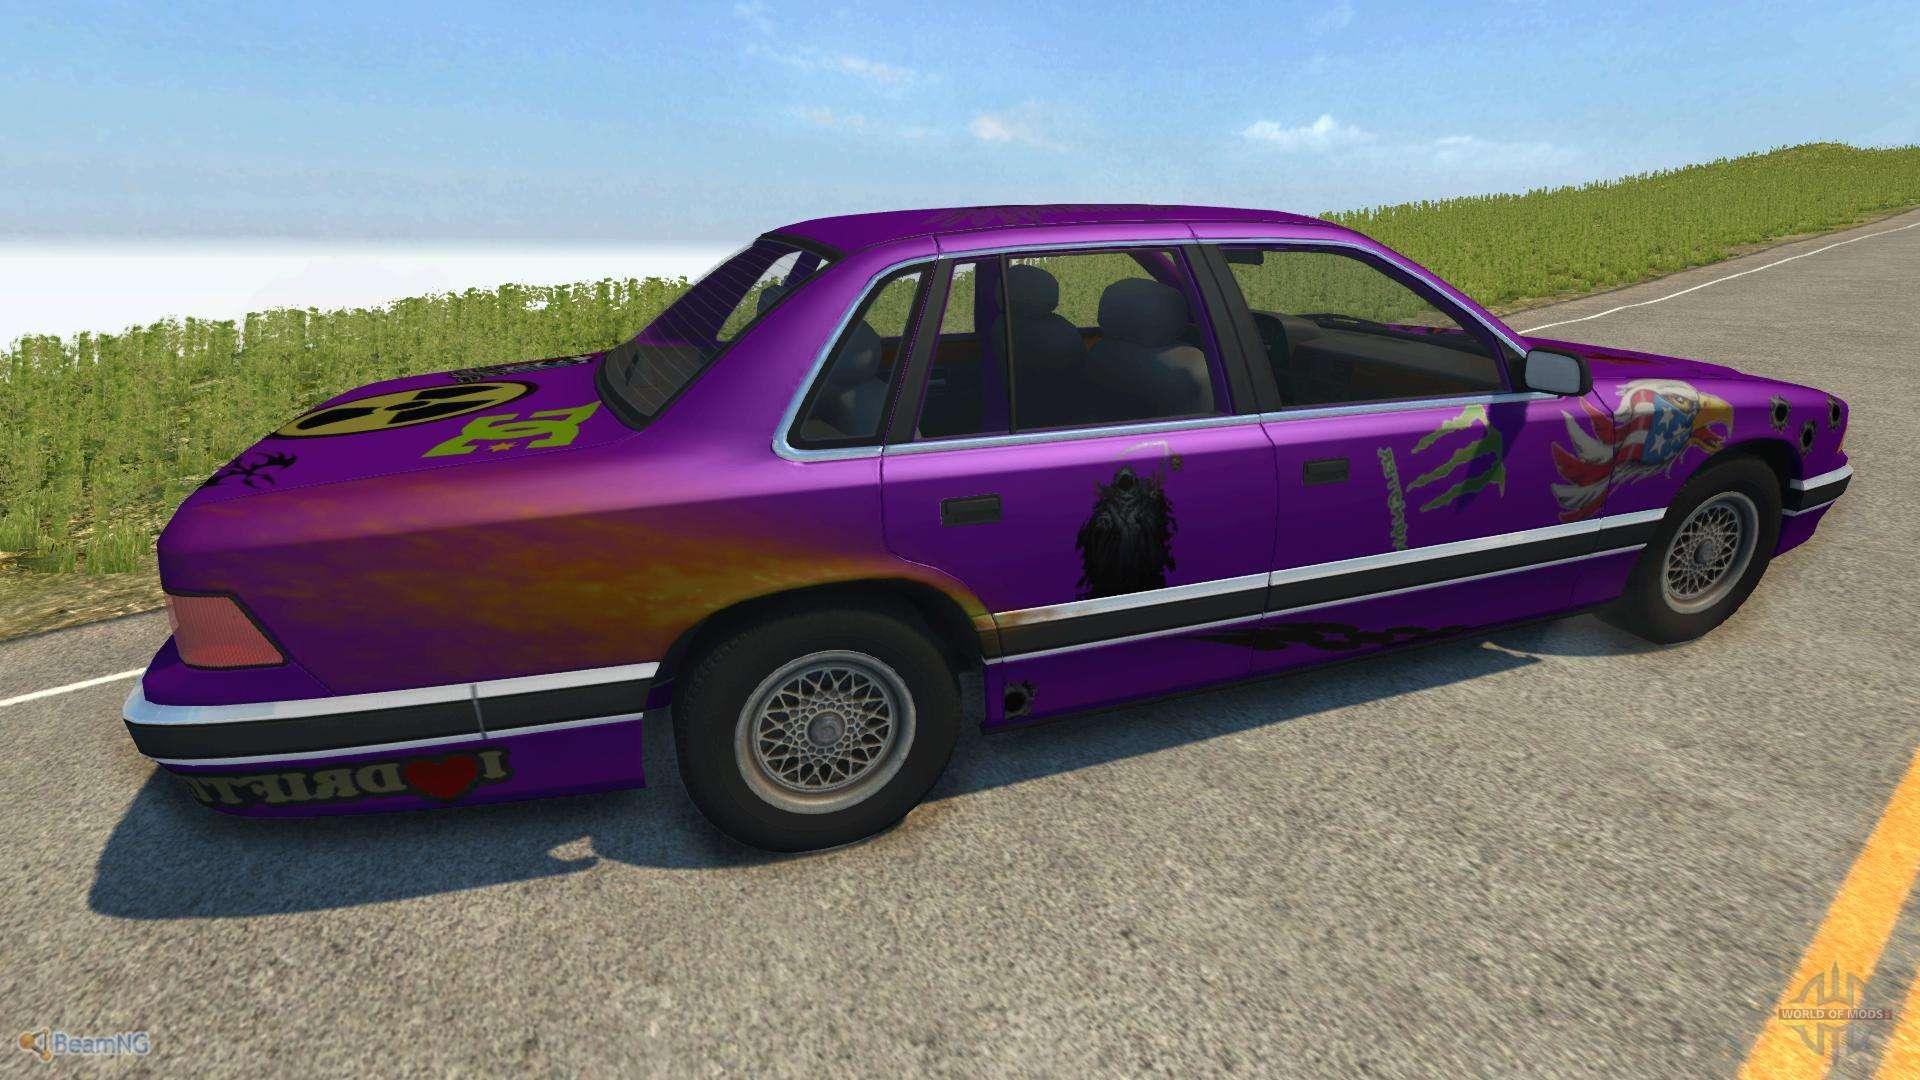 Grand marshal paintjob for beamng drive gavril grand marshal paintjob for beamng drive sciox Images